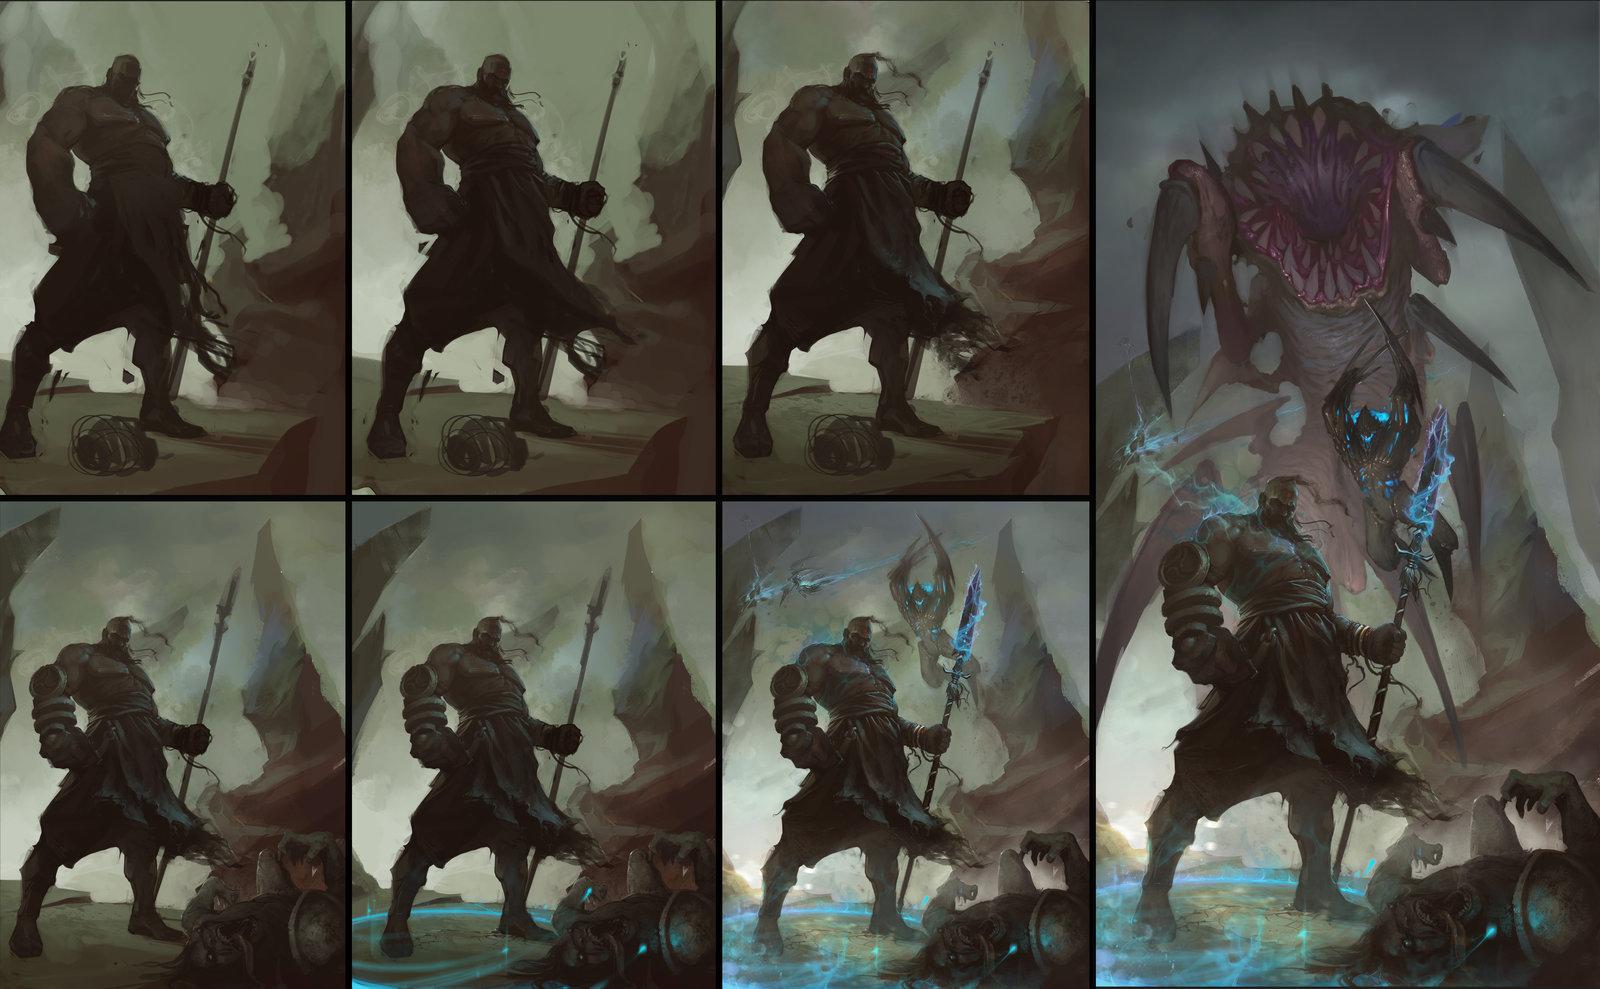 Denys tsiperko diablo3 reaper of souls fan art step by step by denstarsk8 d79t76b